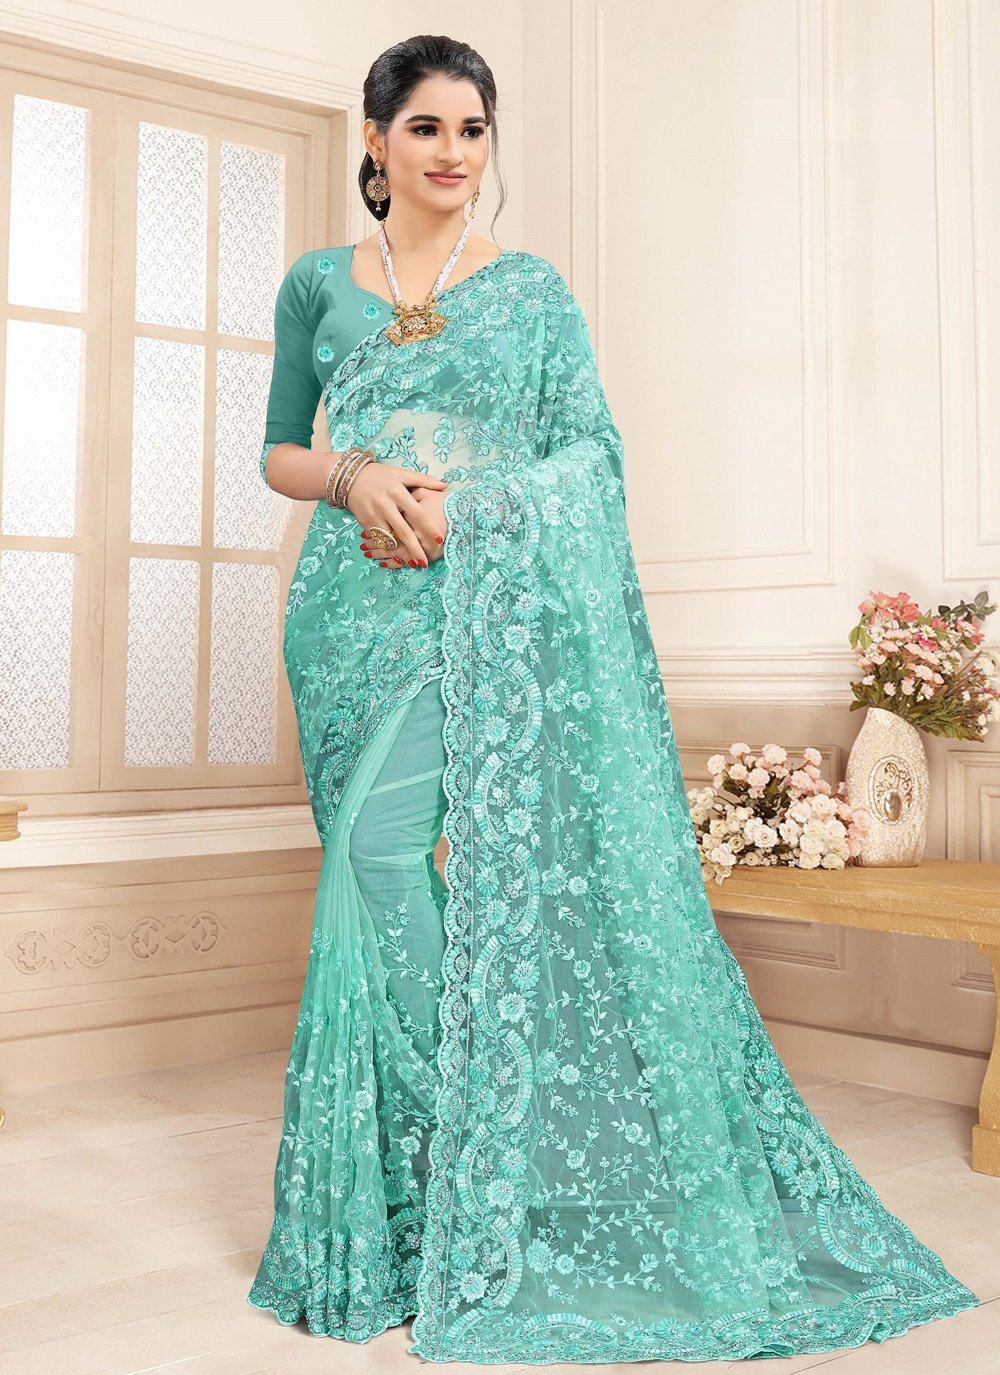 Embroidered Aqua Blue Net Contemporary Saree